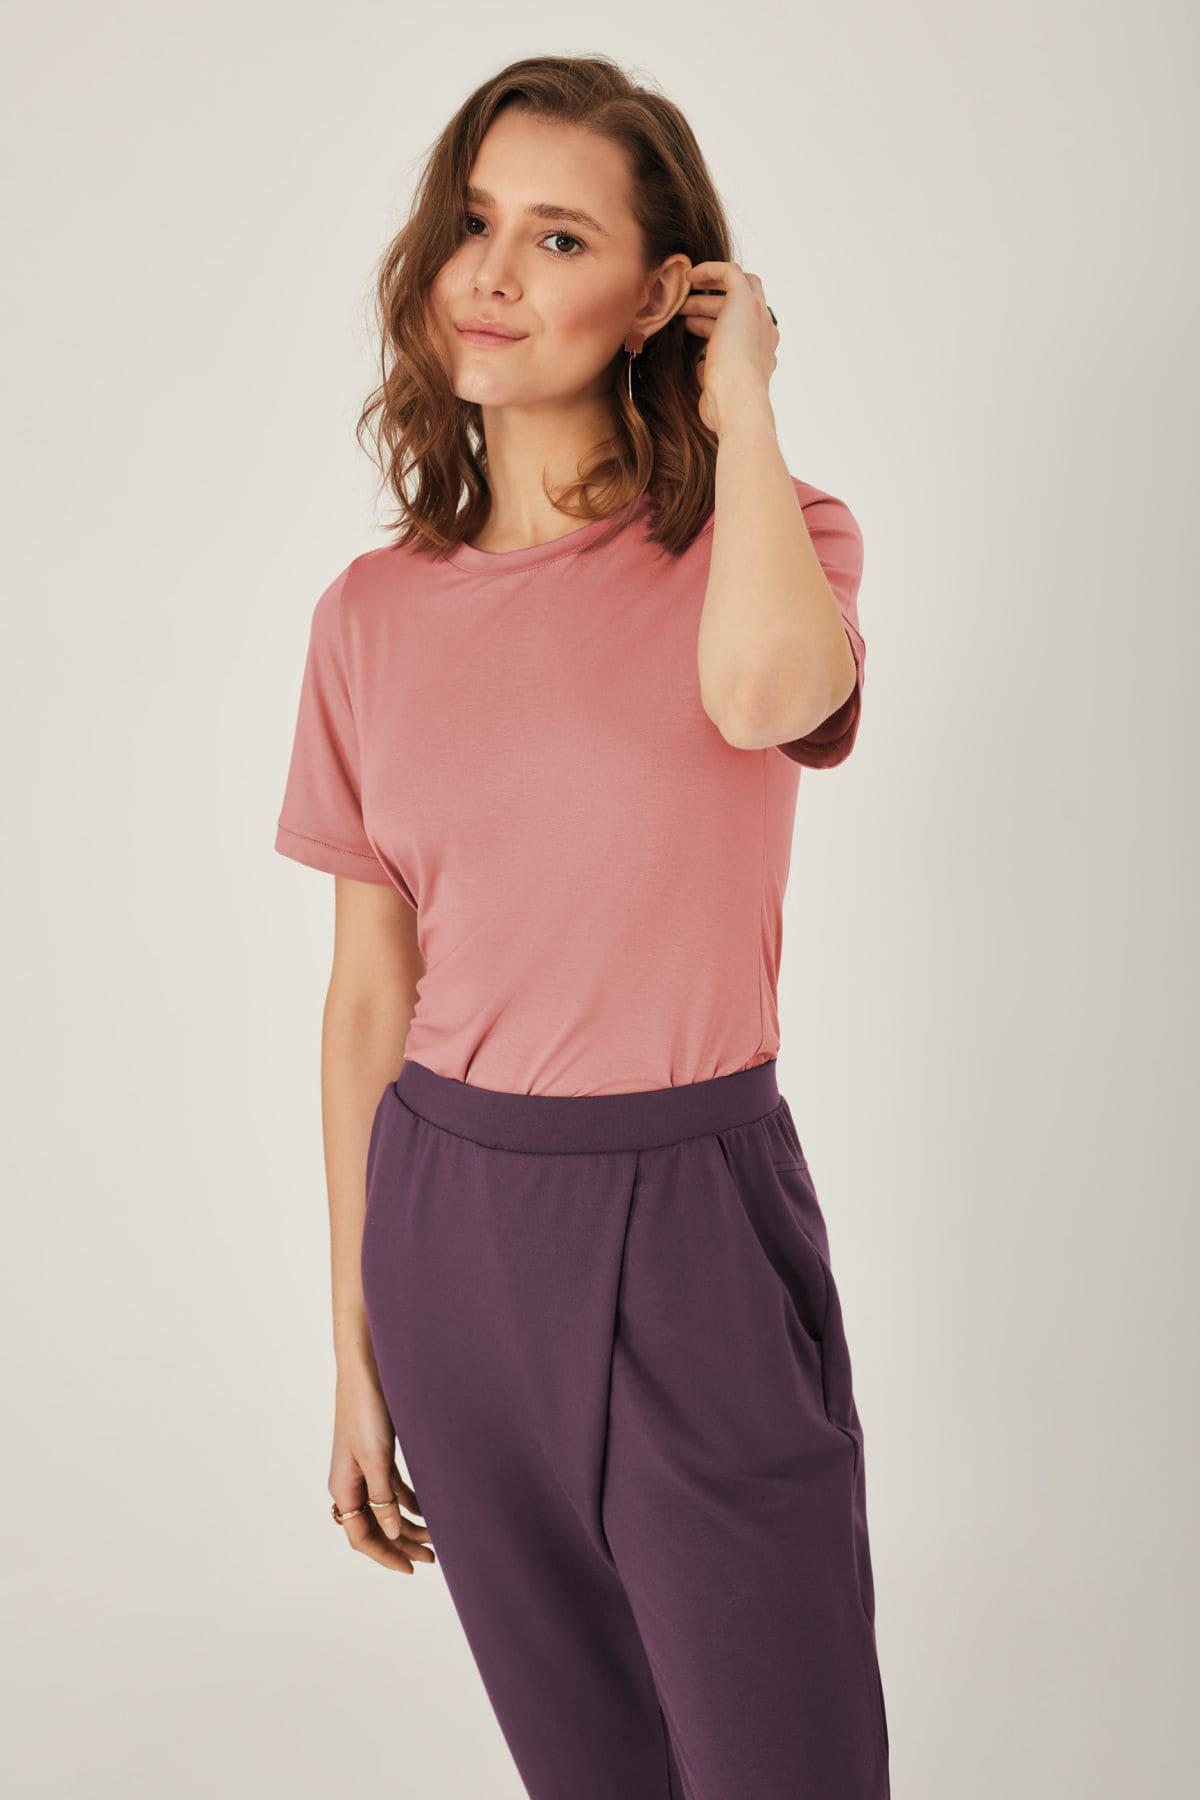 OZ518 - T-Shirt<br />Colori 02, 03, 67, 88<br />XS-4XL<br />OZ519 - Pantaloni<br />Colori 02, 11, 25, 89<br />XS-4XL